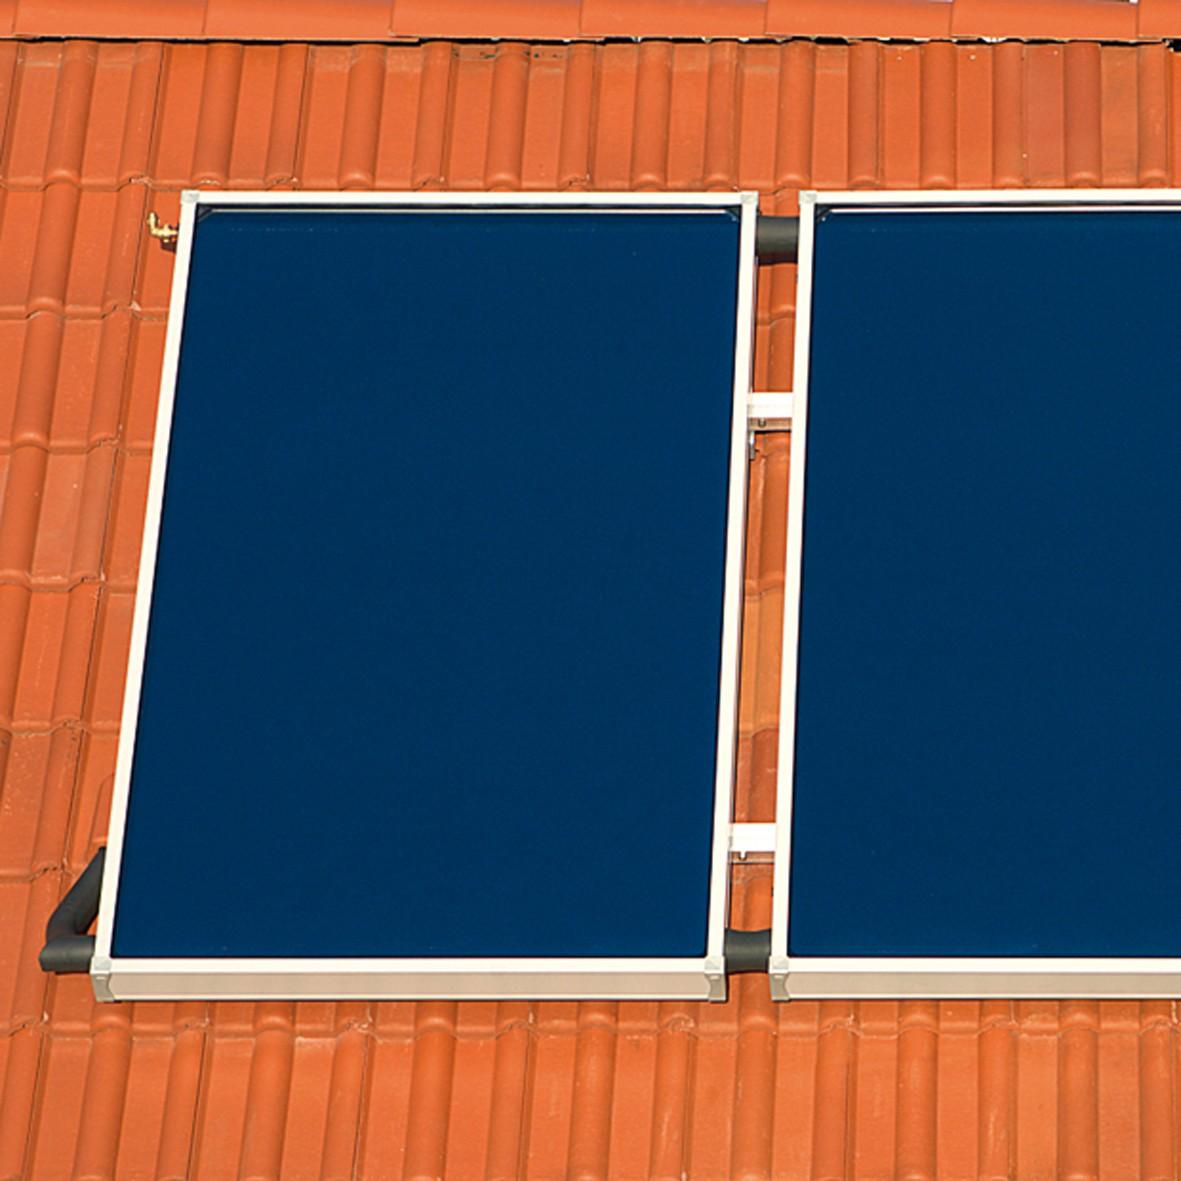 SolfÃ¥ng KorrplÃ¥t StÃ¥/ligg Mont - CTC SolfÃ¥ngare - CTC Tillbehör ... : skydd till luftvärmepump : Inredning